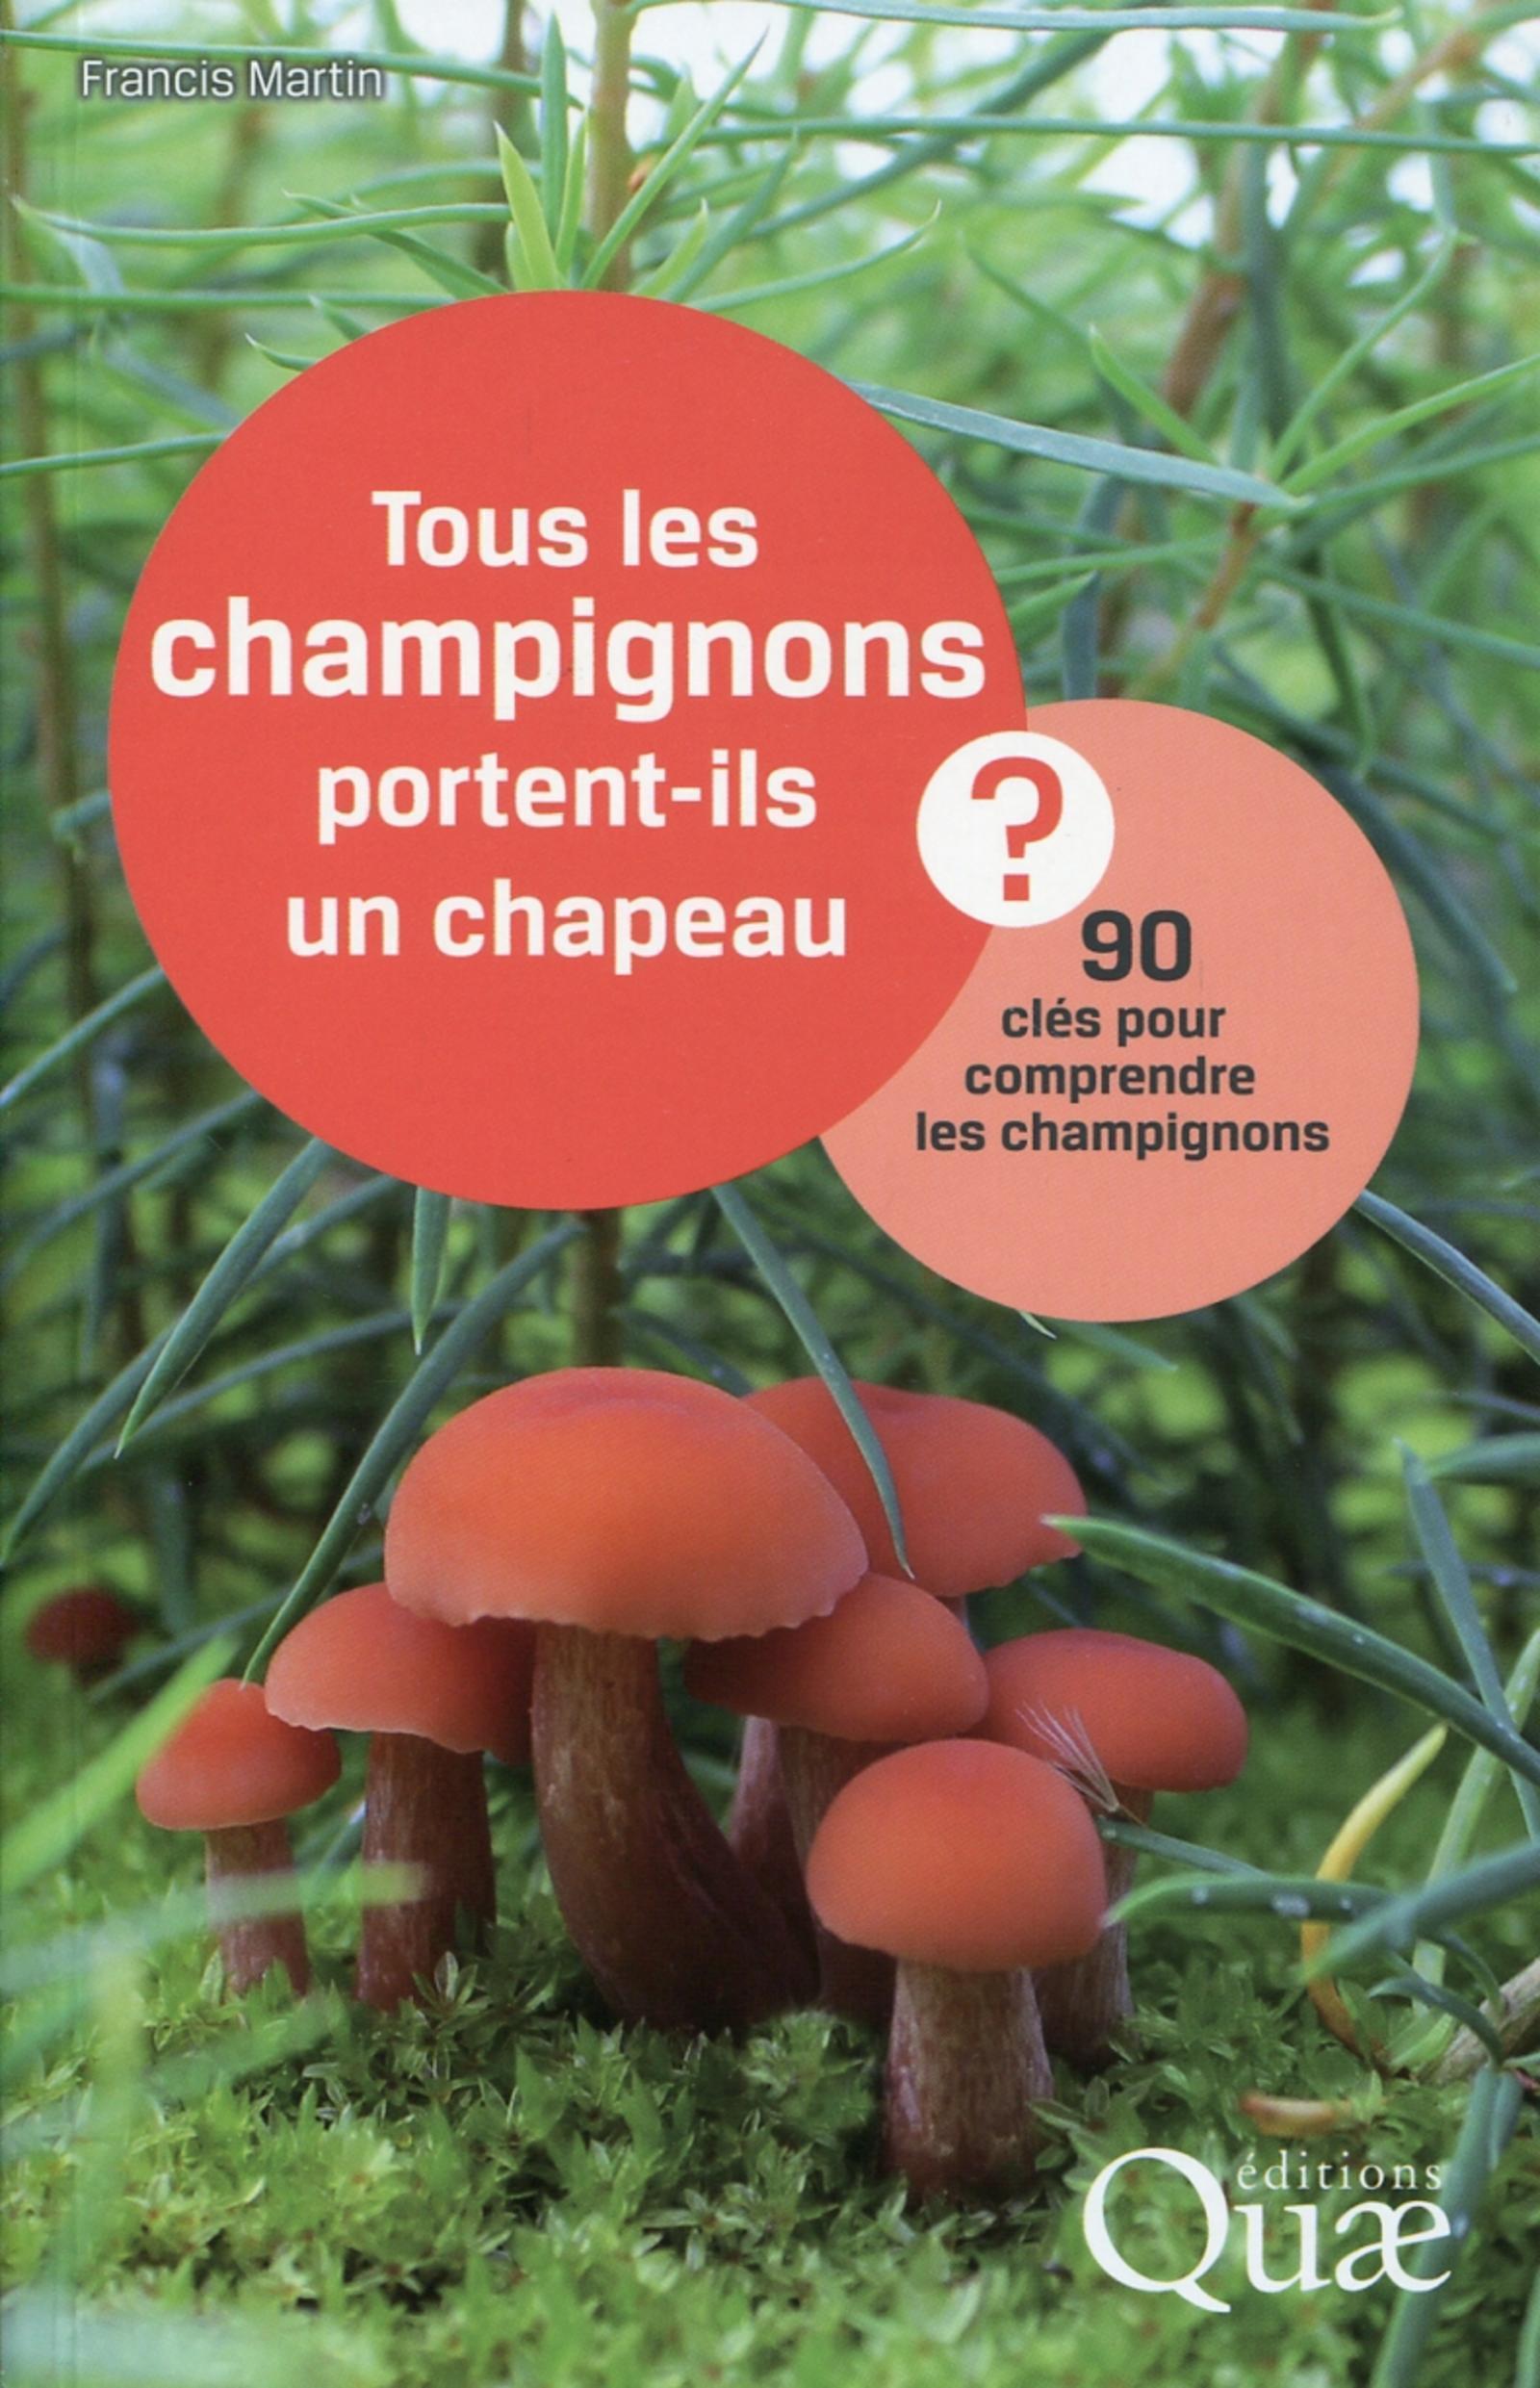 TOUS LES CHAMPIGNONS PORTENT-ILS UN CHAPEAU ? - 90 CLES POUR COMPRENDRE LES CHAMPIGNONS.